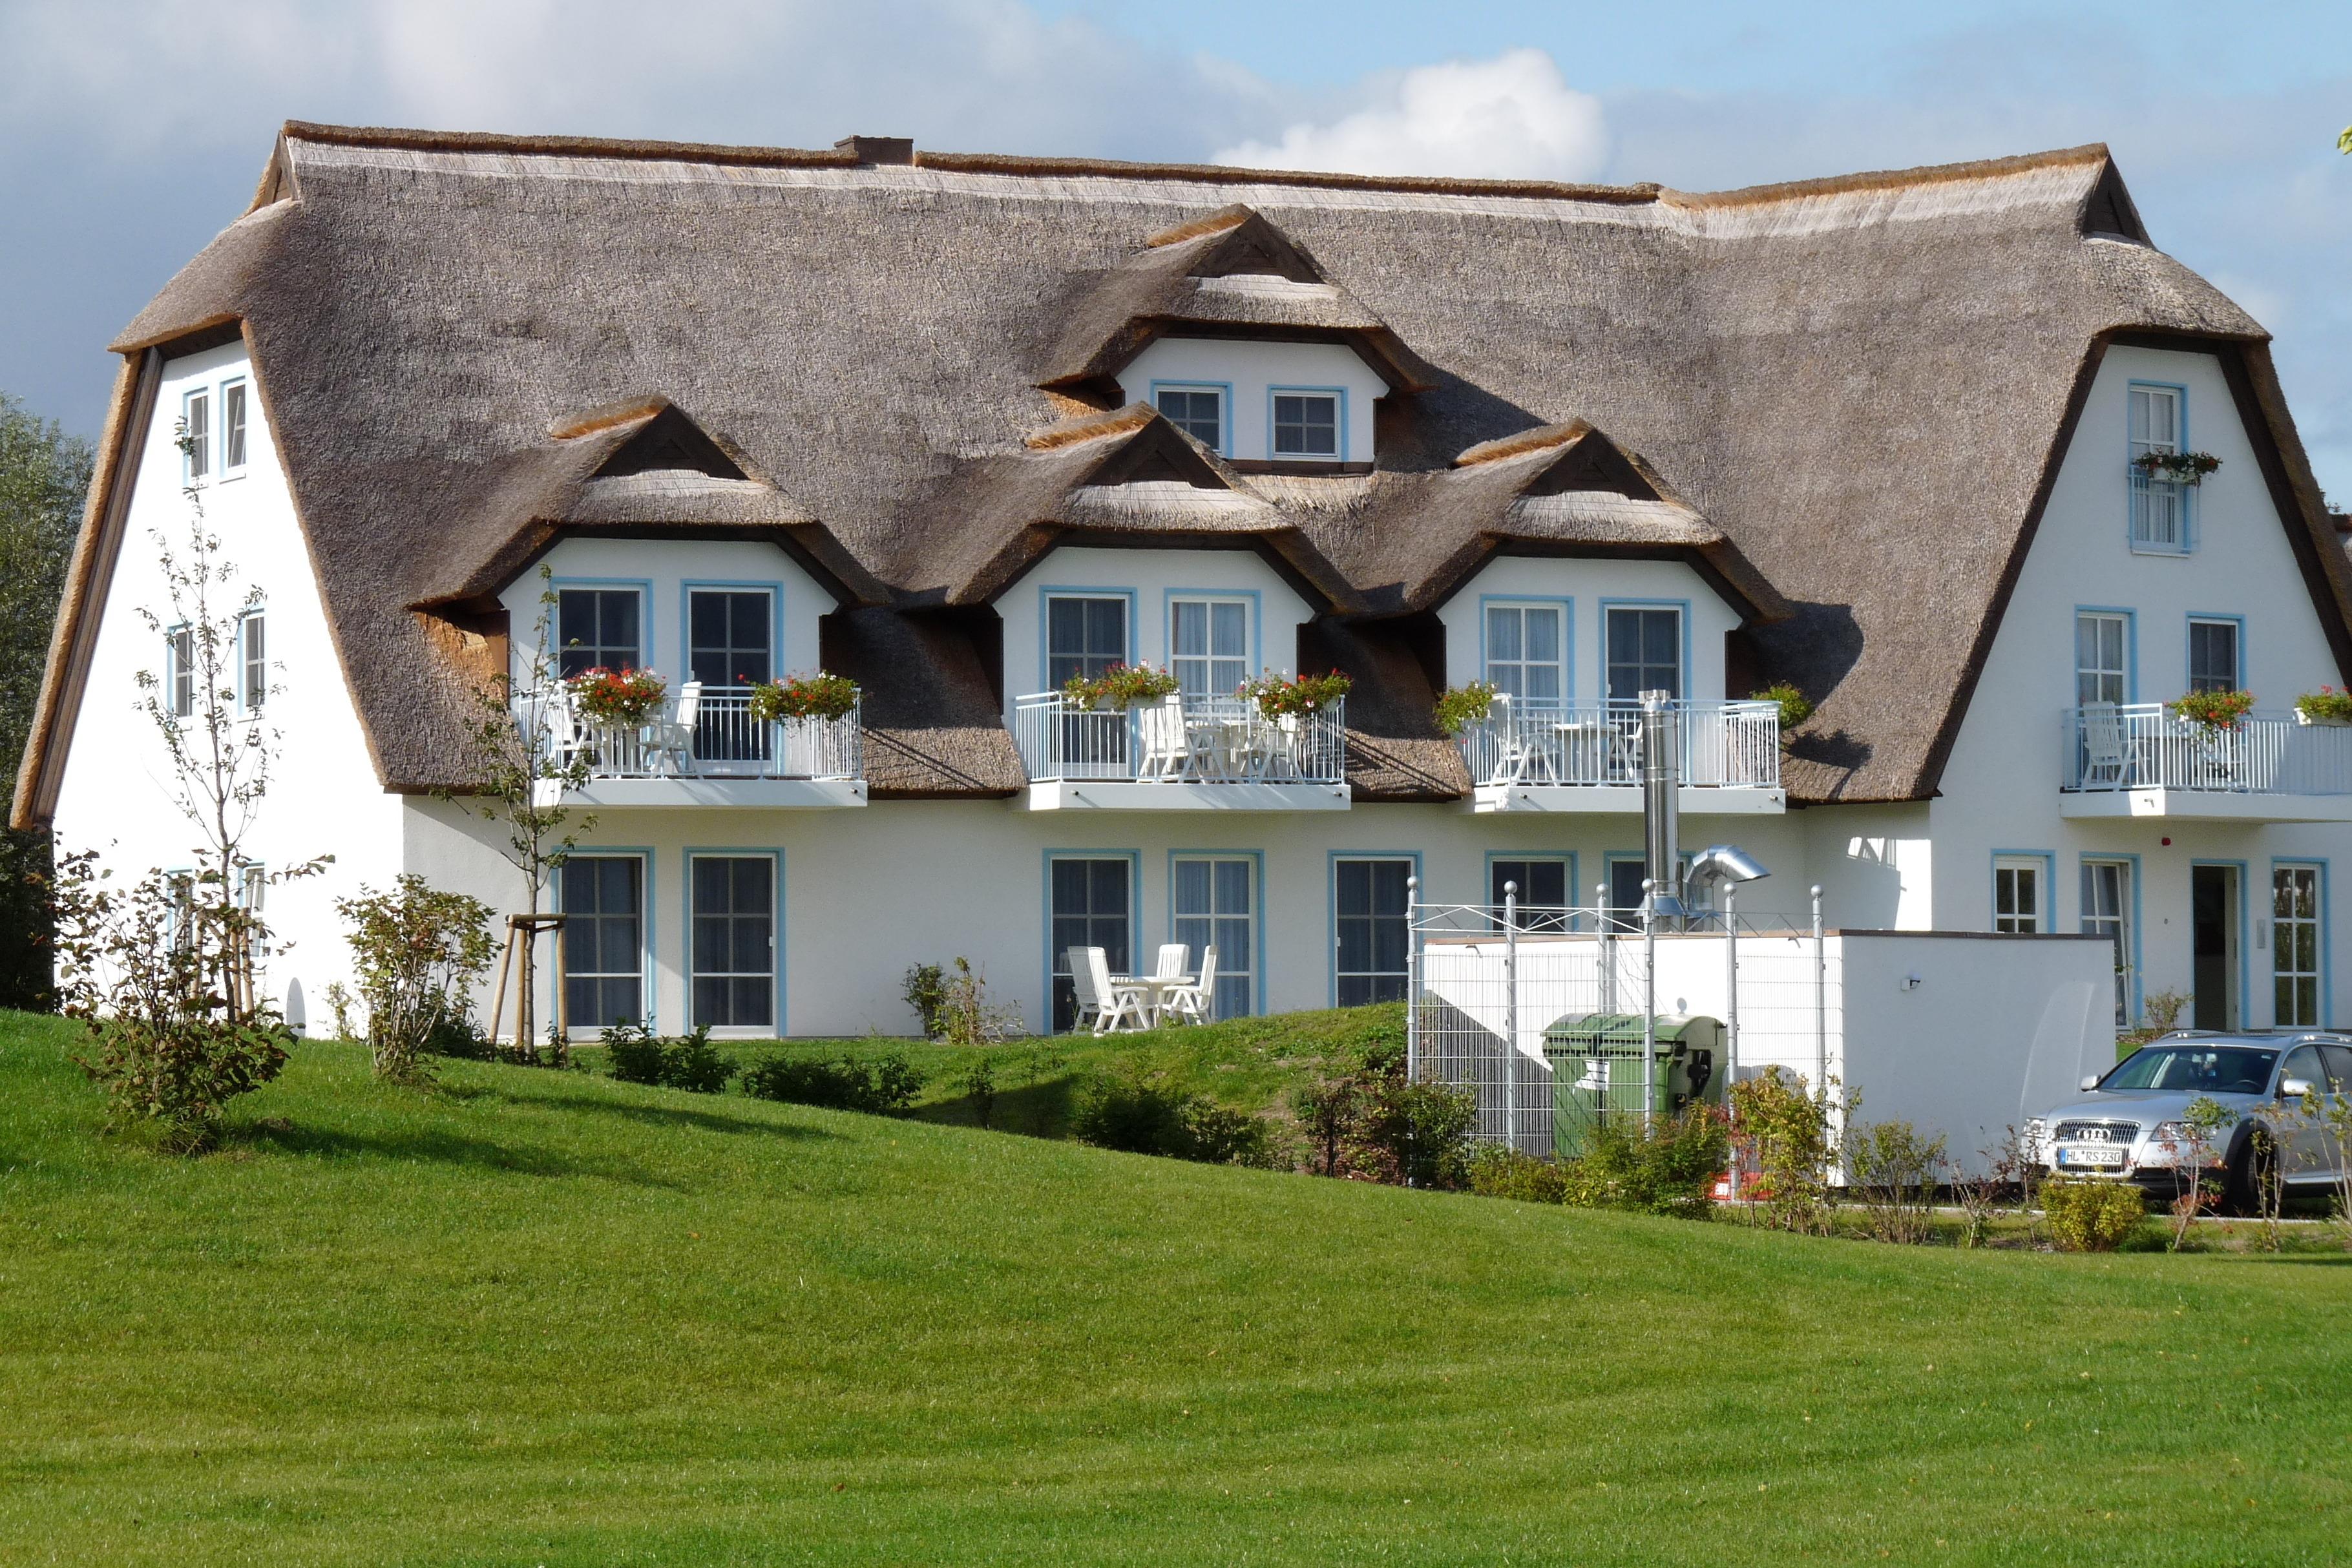 Haus Wolgastsee Ferienwohnung auf Usedom